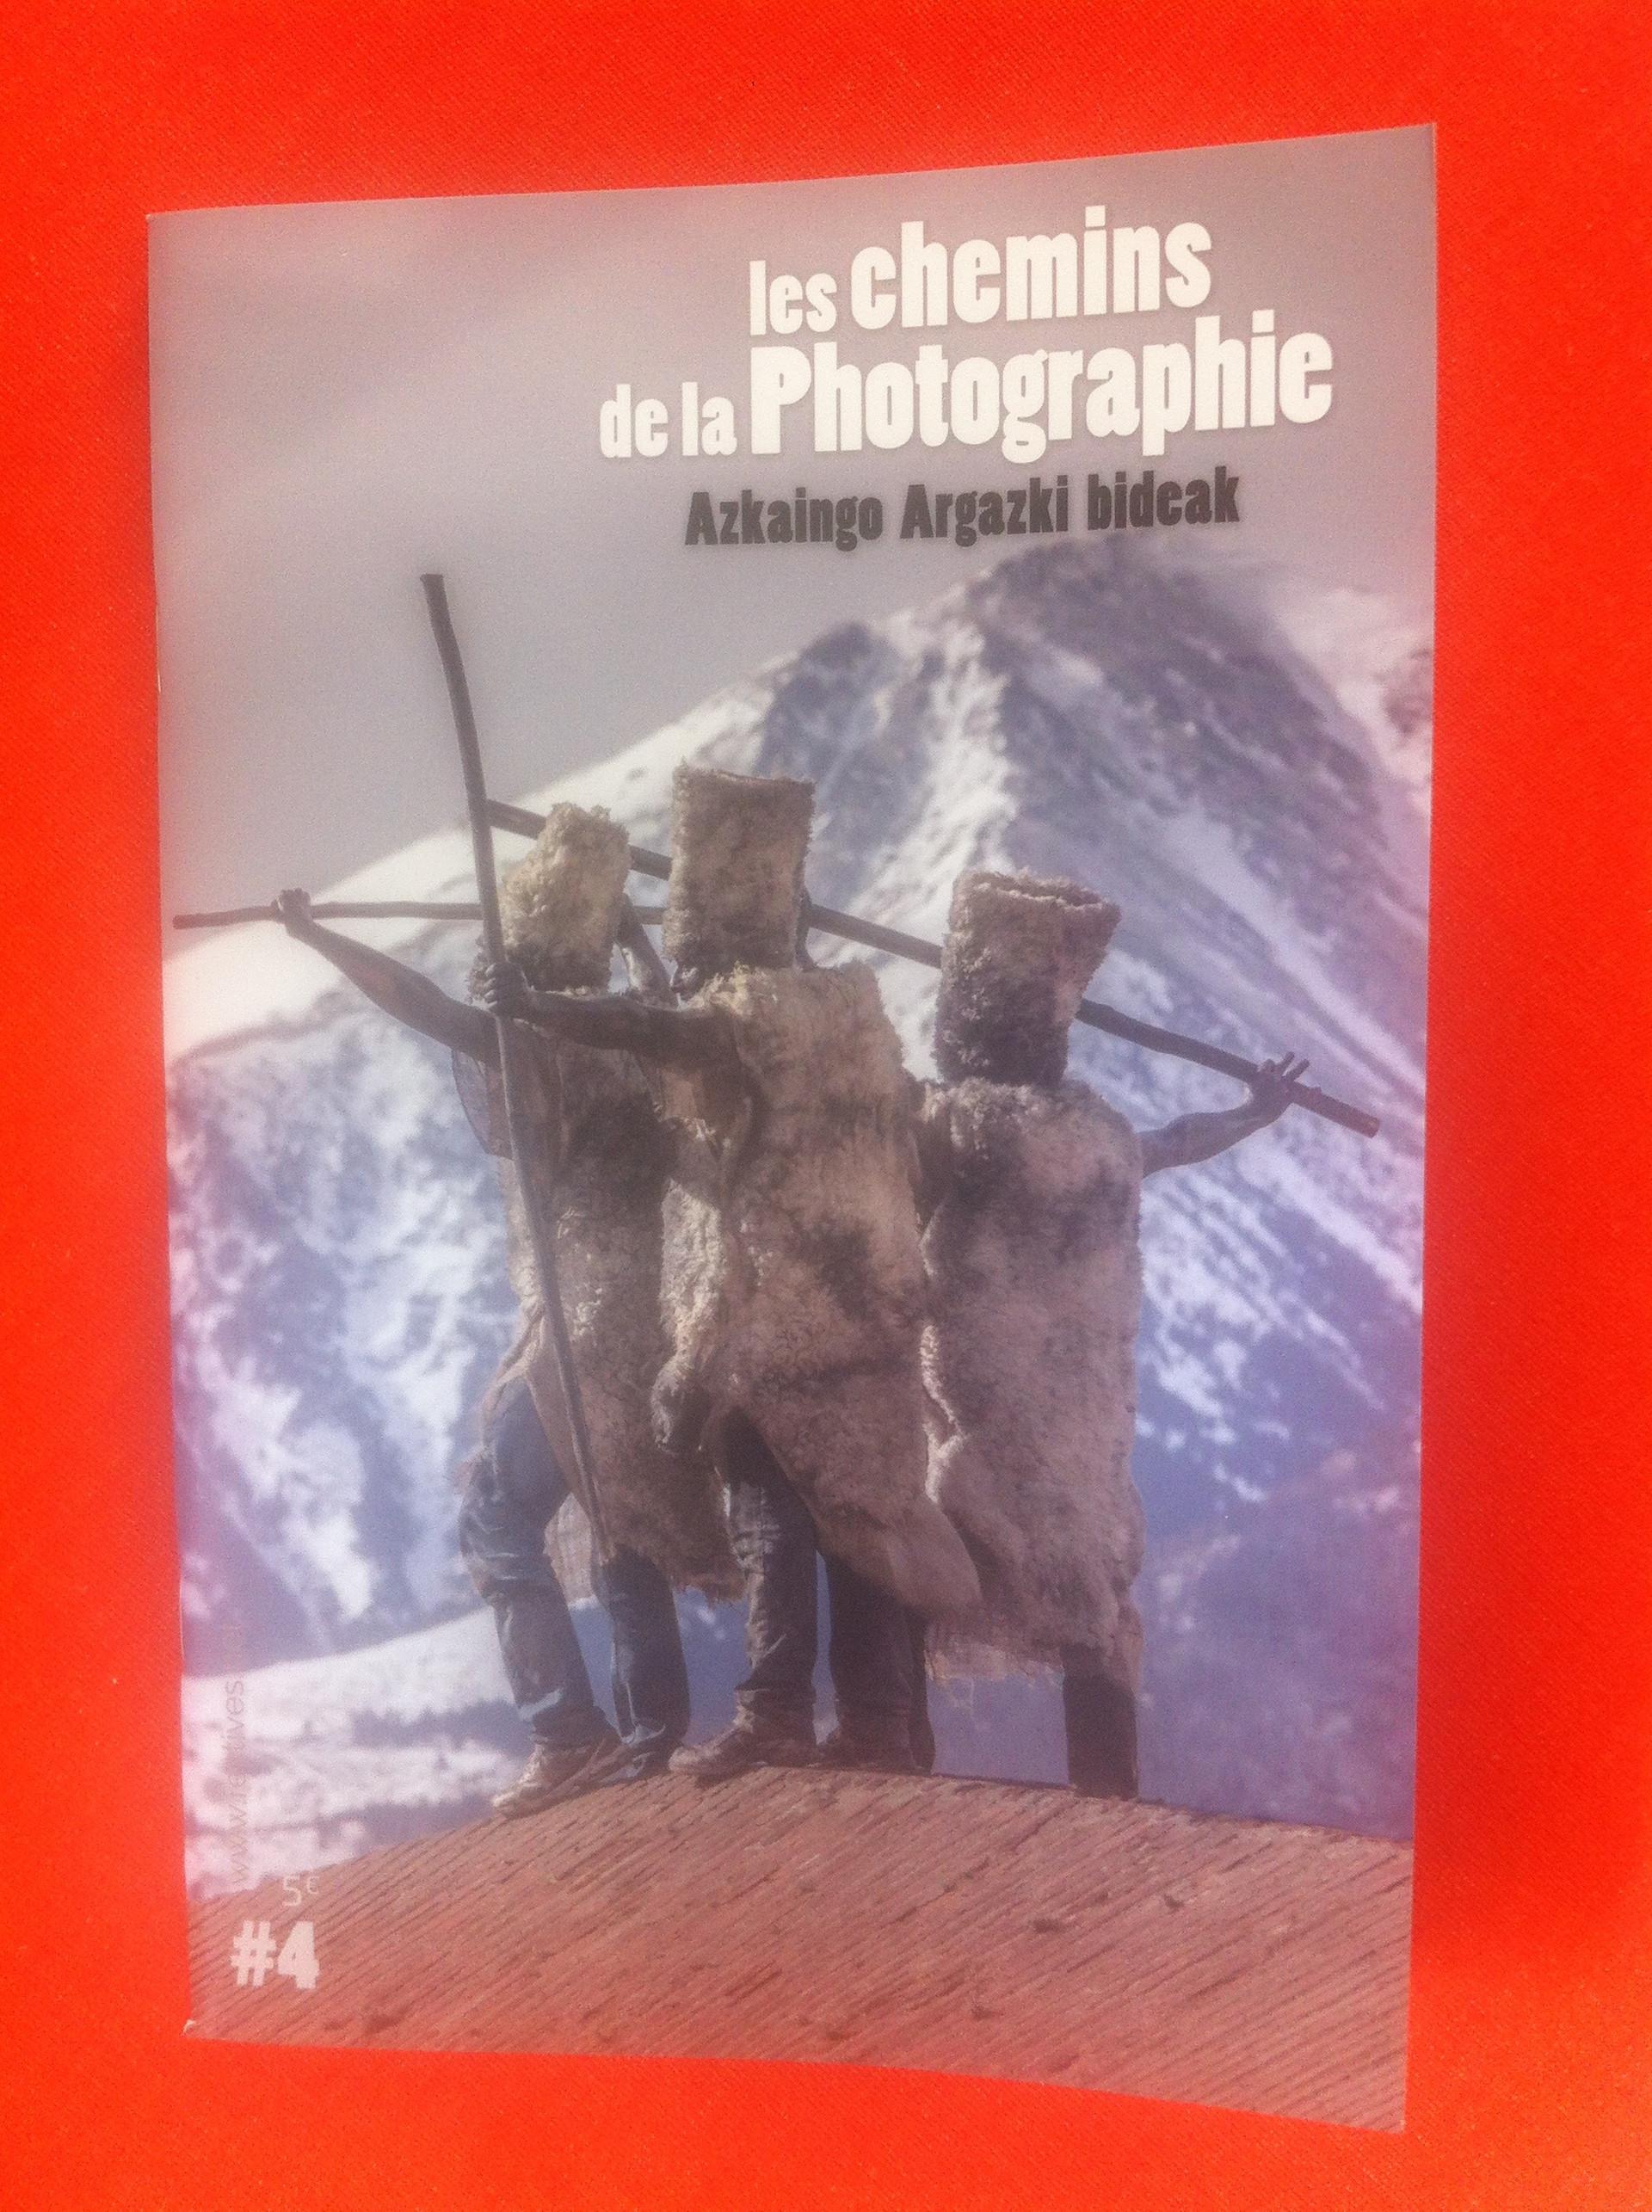 Les Chemins de la Photographie